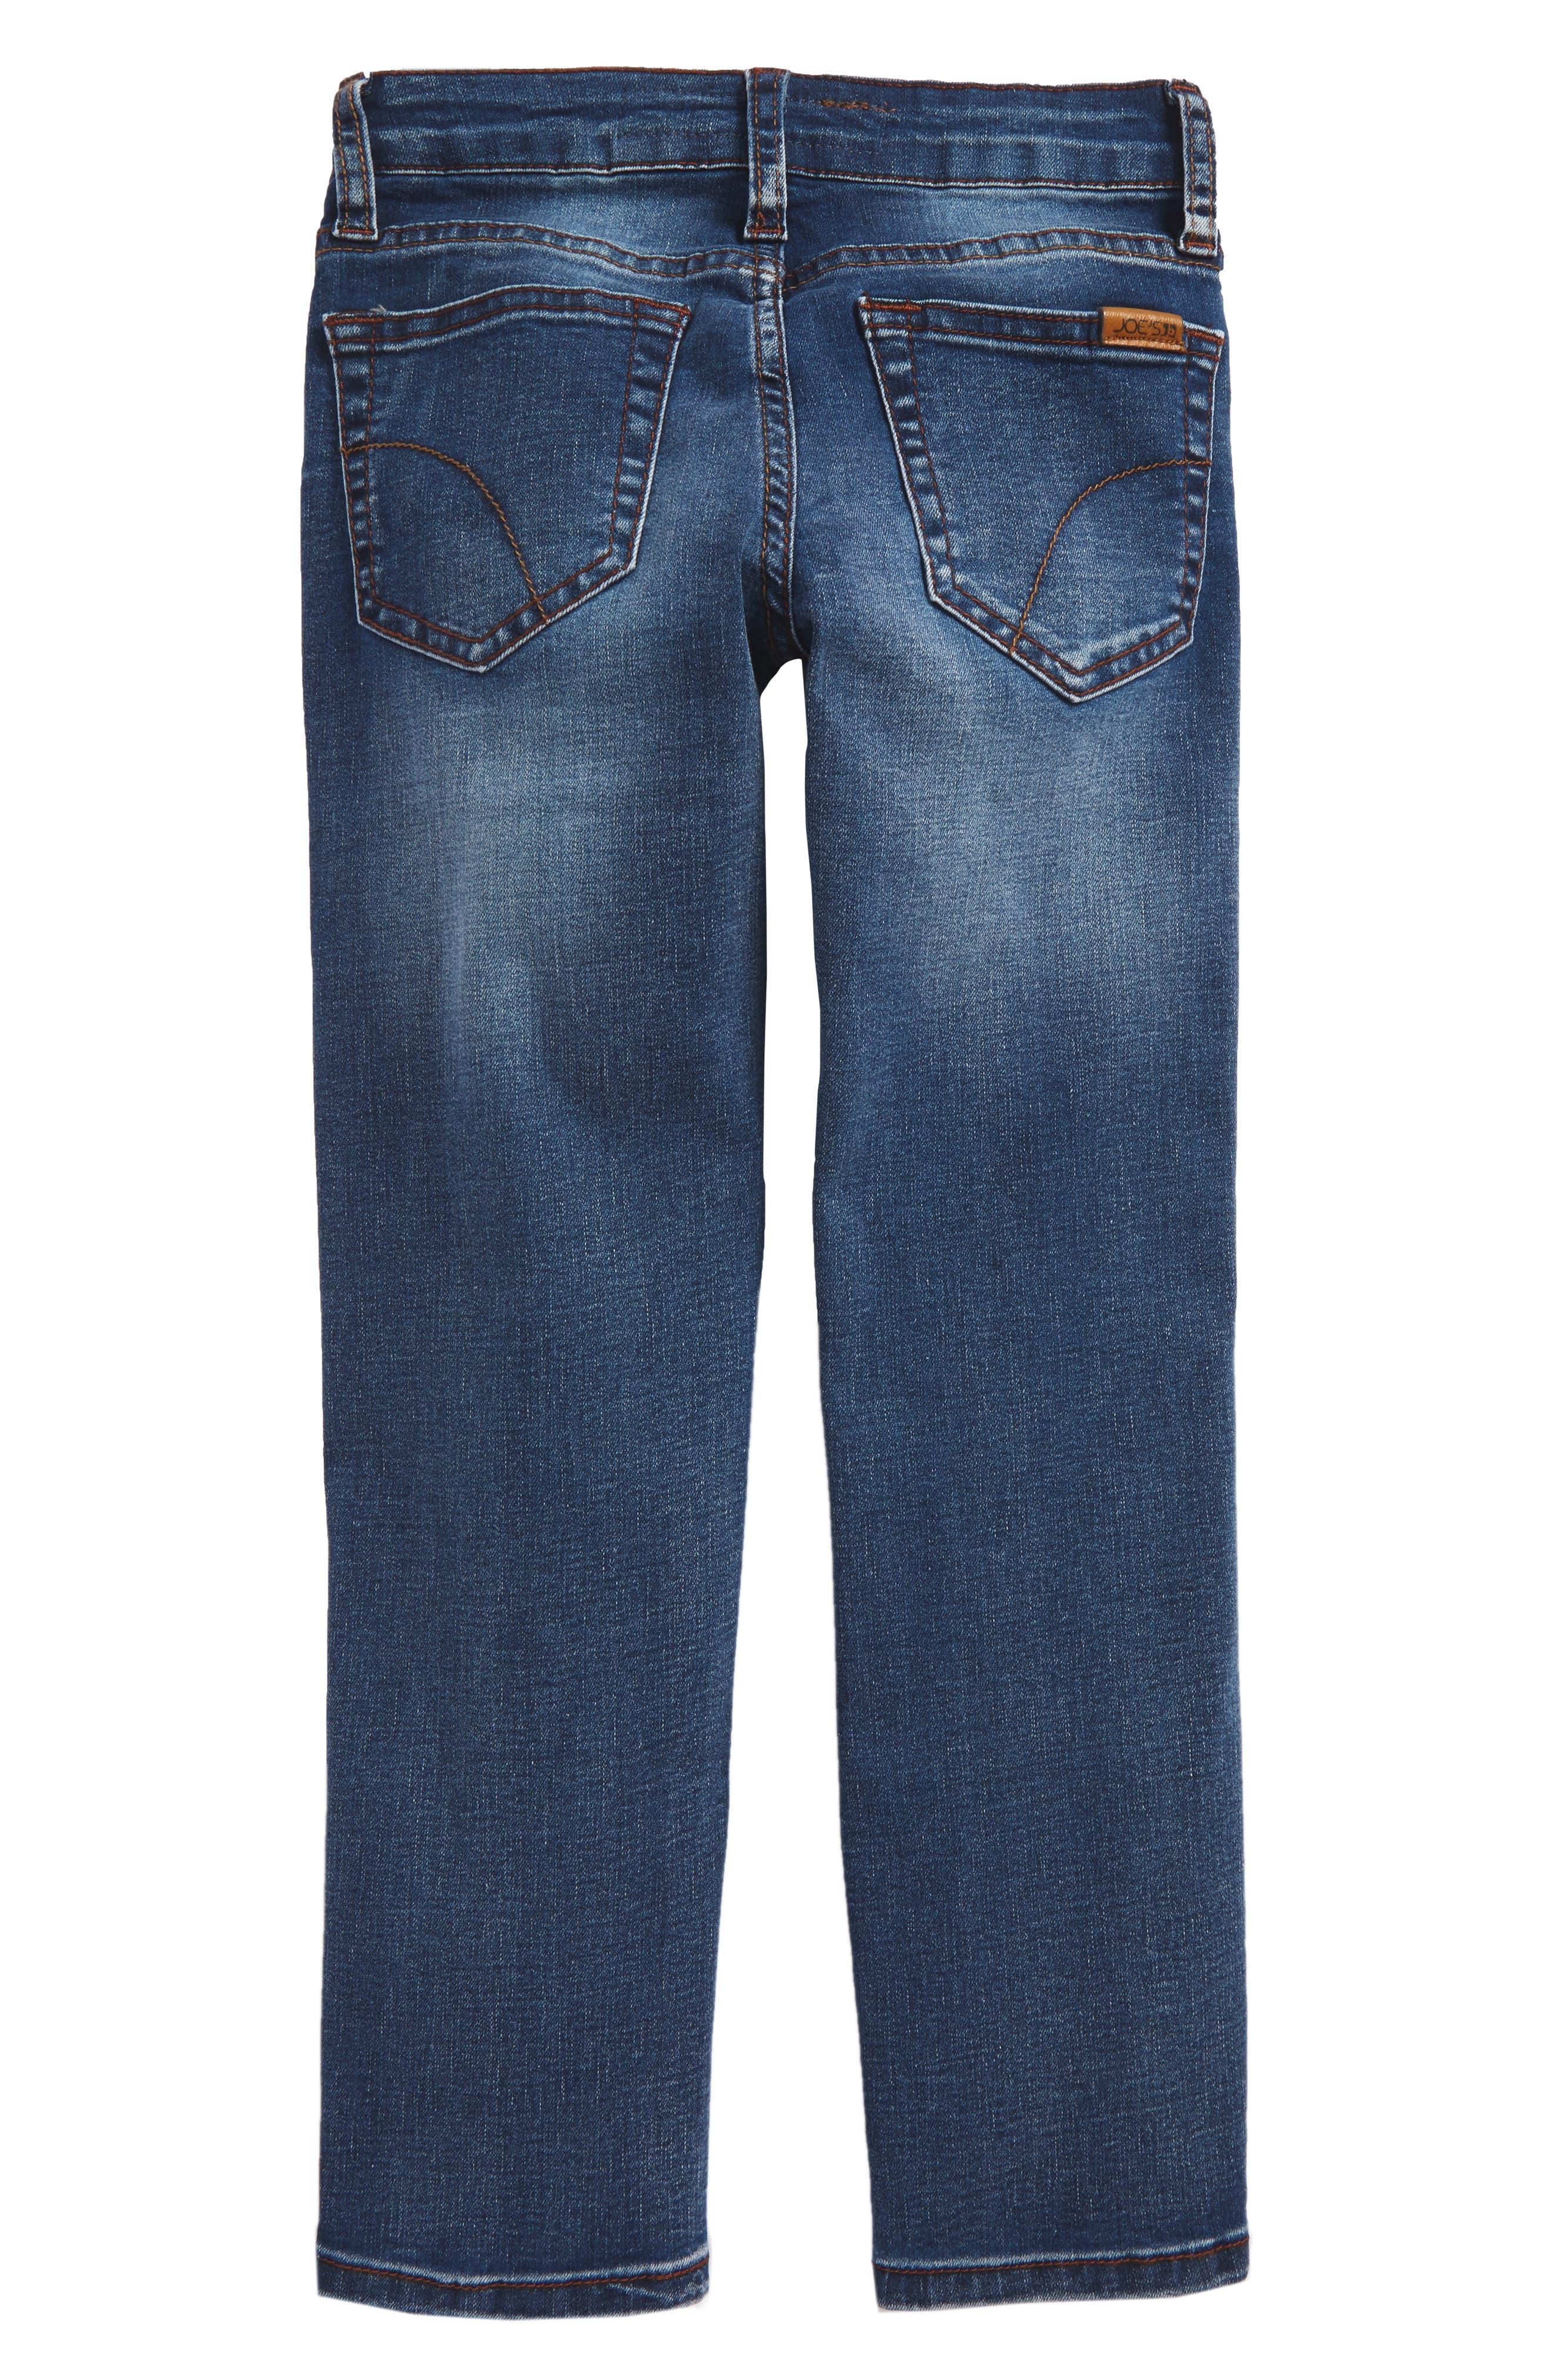 Brixton Slim Fit Stretch Jeans,                             Alternate thumbnail 2, color,